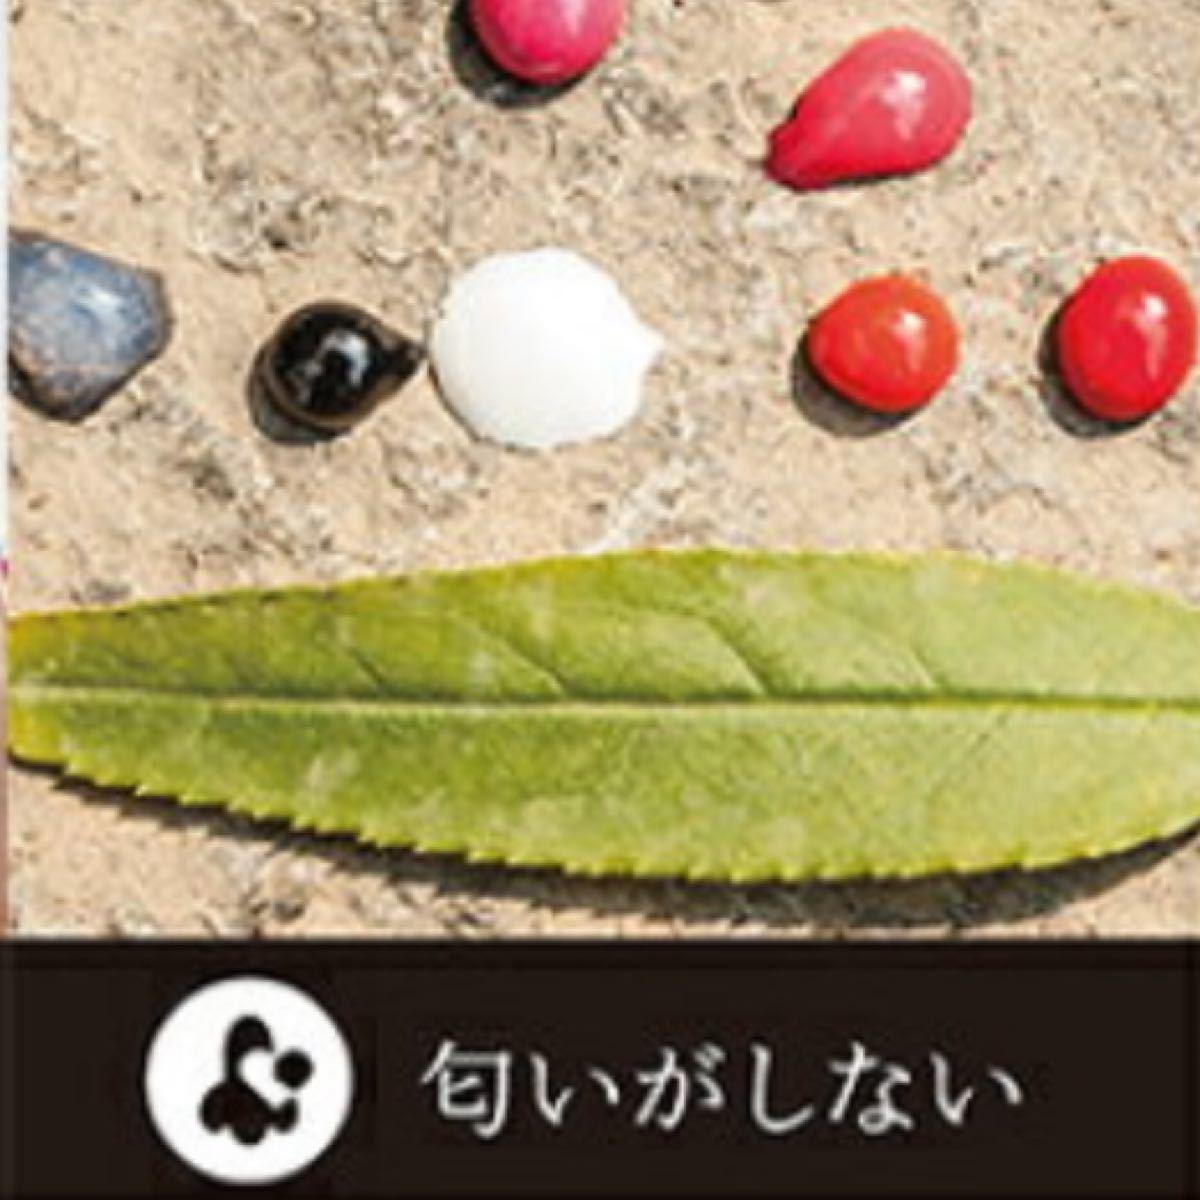 セール 新品 リトルオンディーヌ はがせるネイルカラー水性マニキュア8本セット